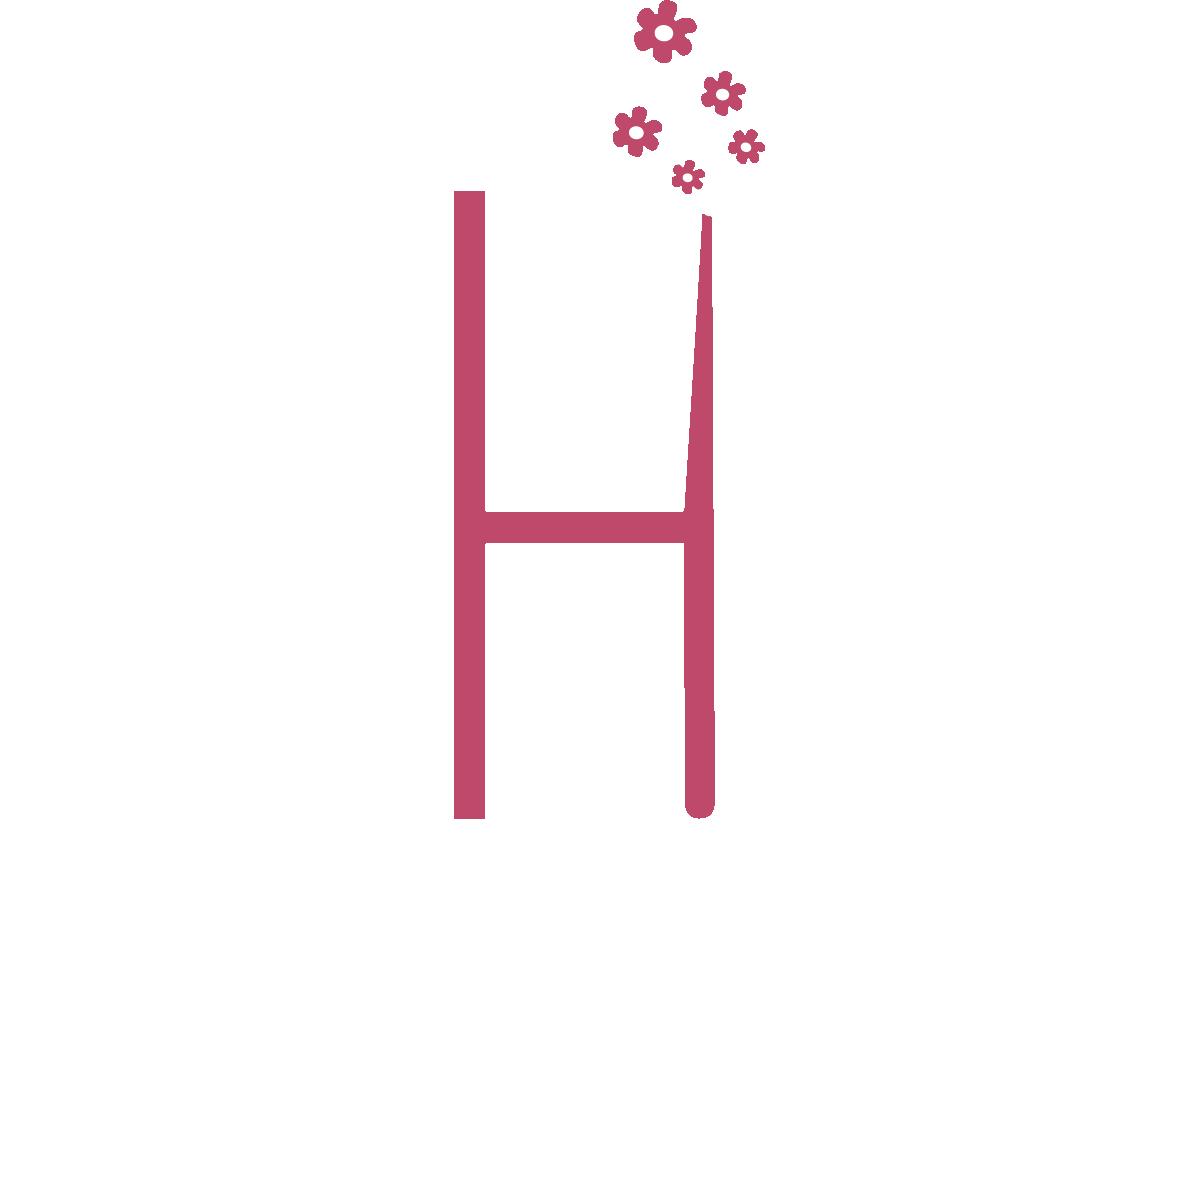 Blumen Hartmann Stolberg - Ihr Floristmeister seit 1929